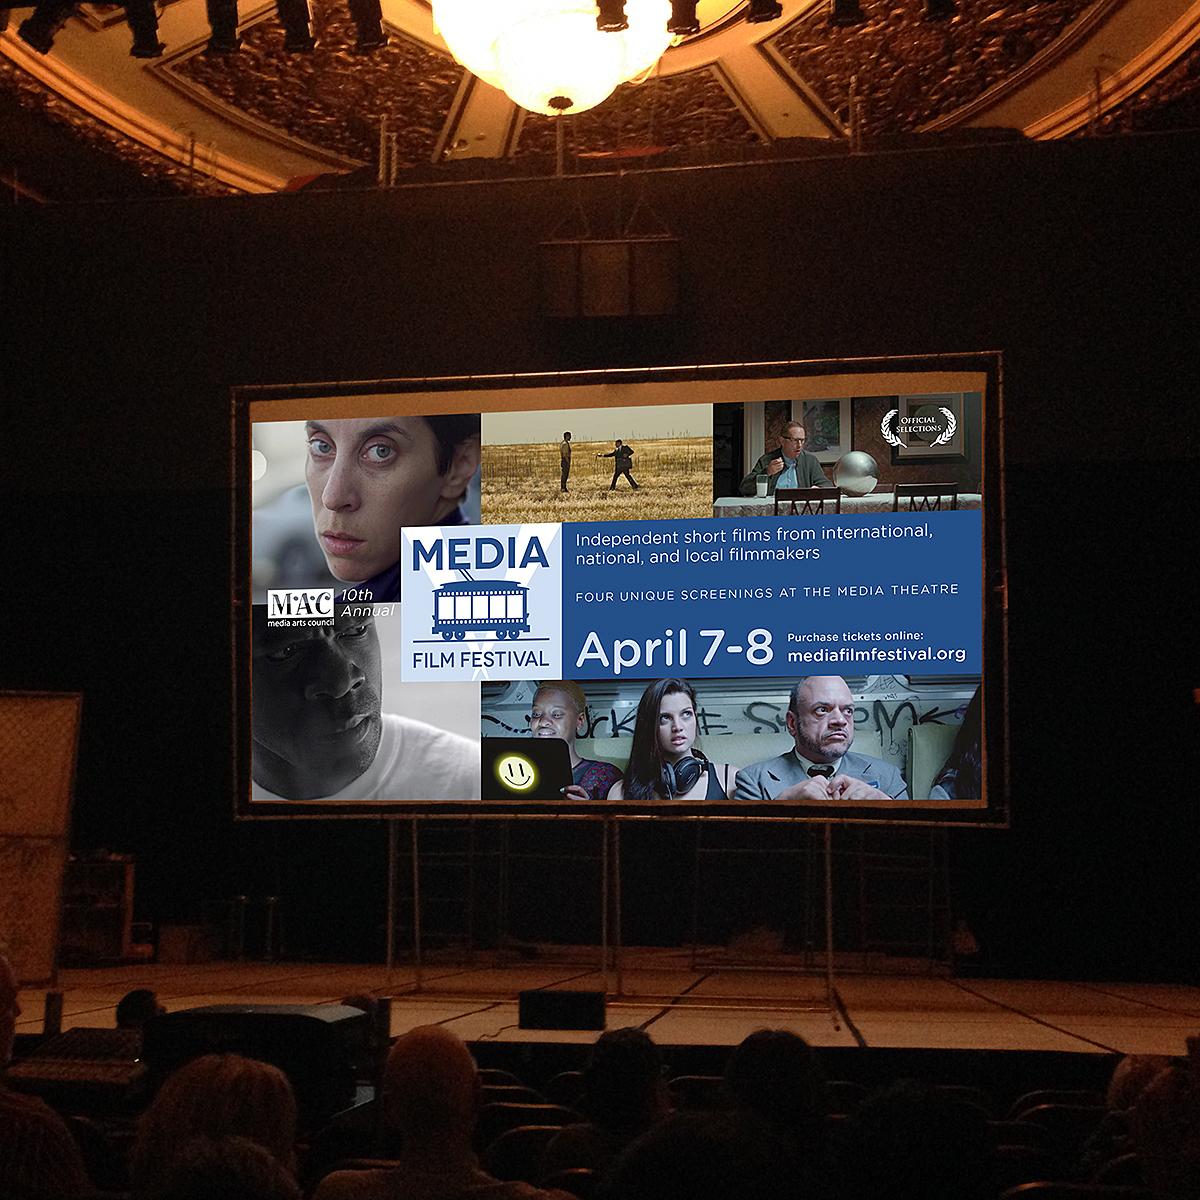 Media Film Festival 2017